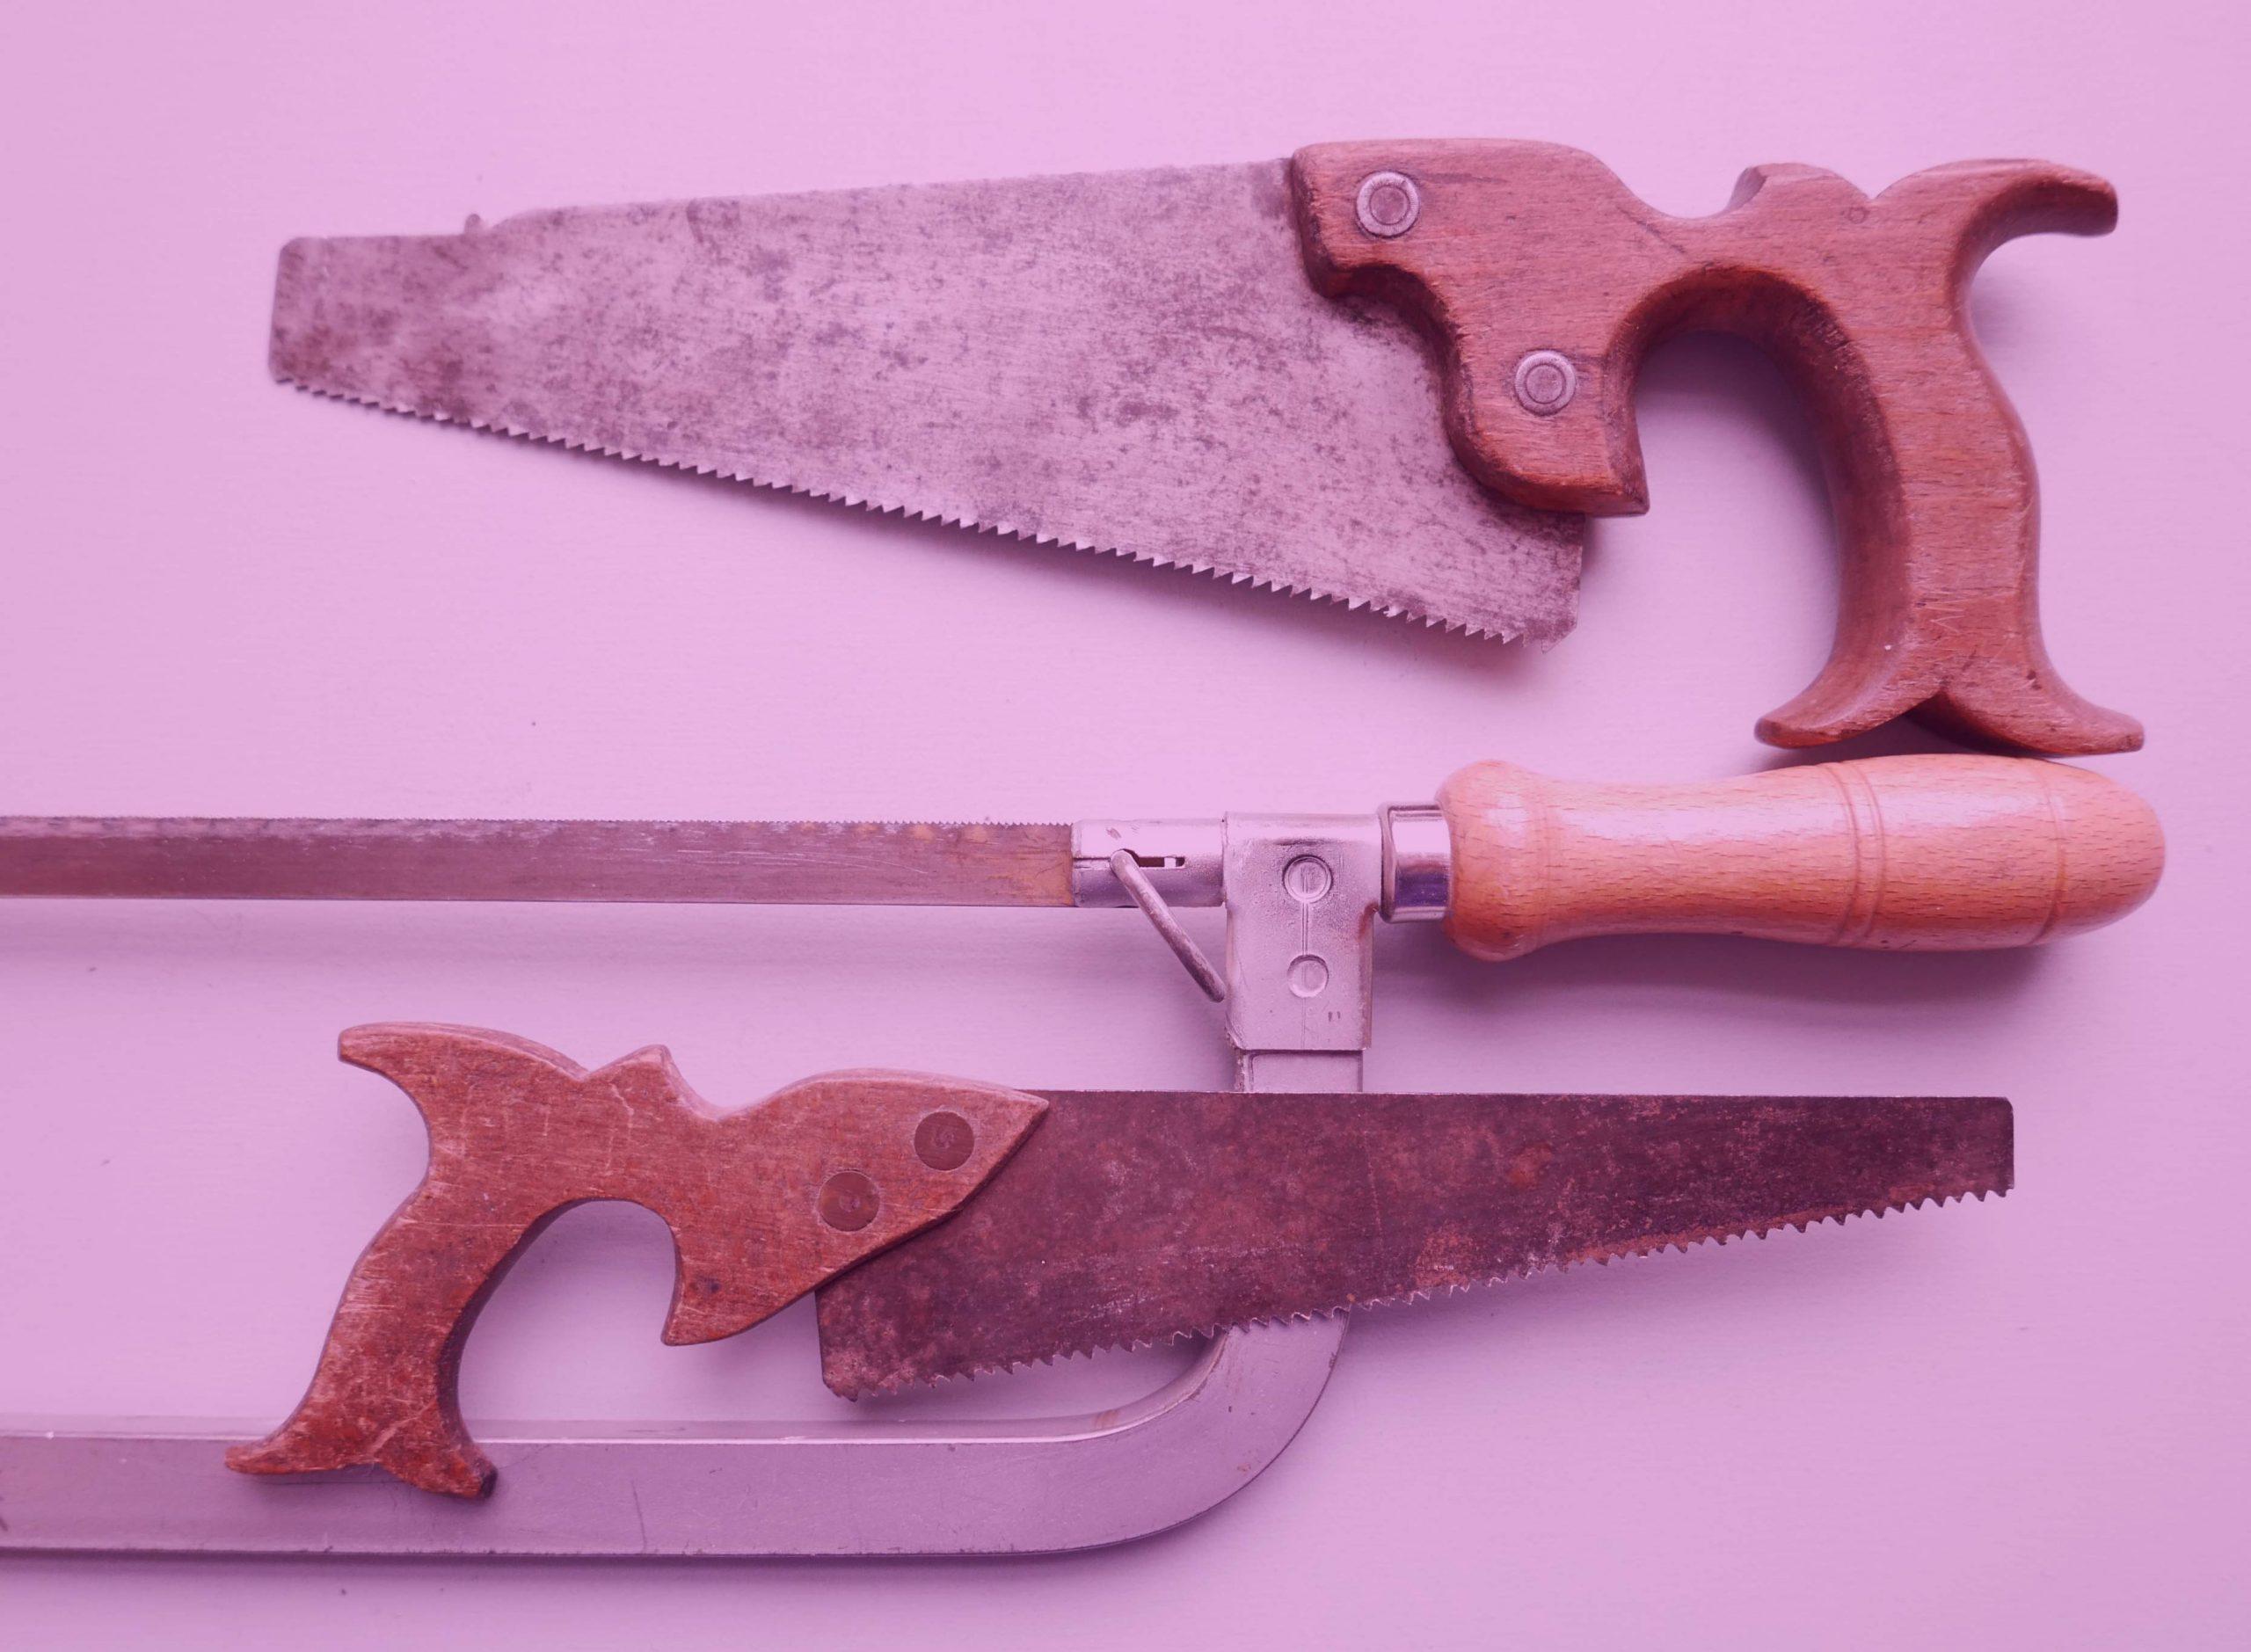 Umbauen und Reparieren Werkzeug Sägen kleine Holzsägen und Metallsäge